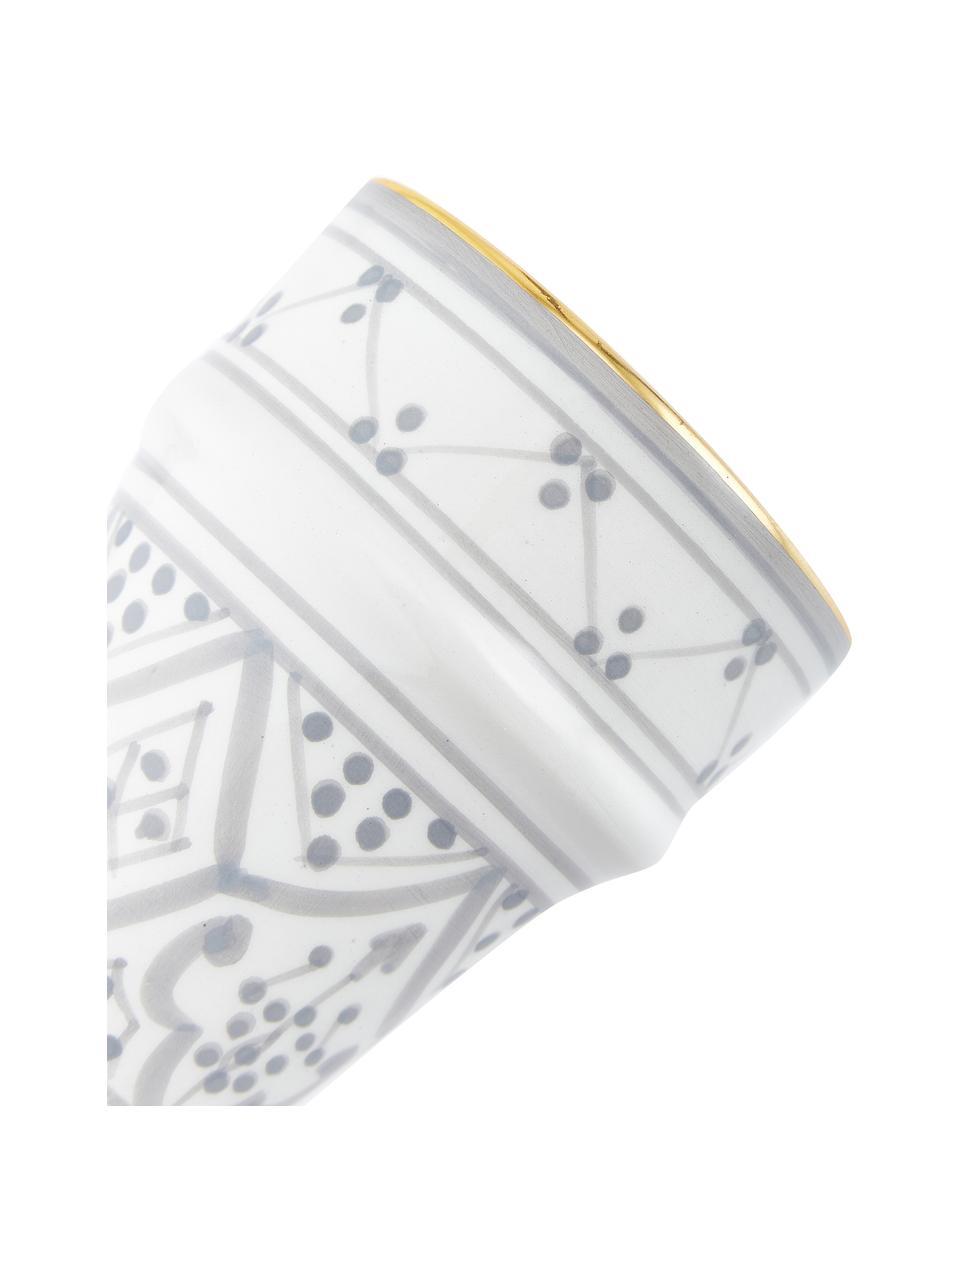 Handgemachter marokkanischer Becher Beldi mit Goldrand, Keramik, Hellgrau, Cremefarben, Gold, Ø 8 x H 11 cm